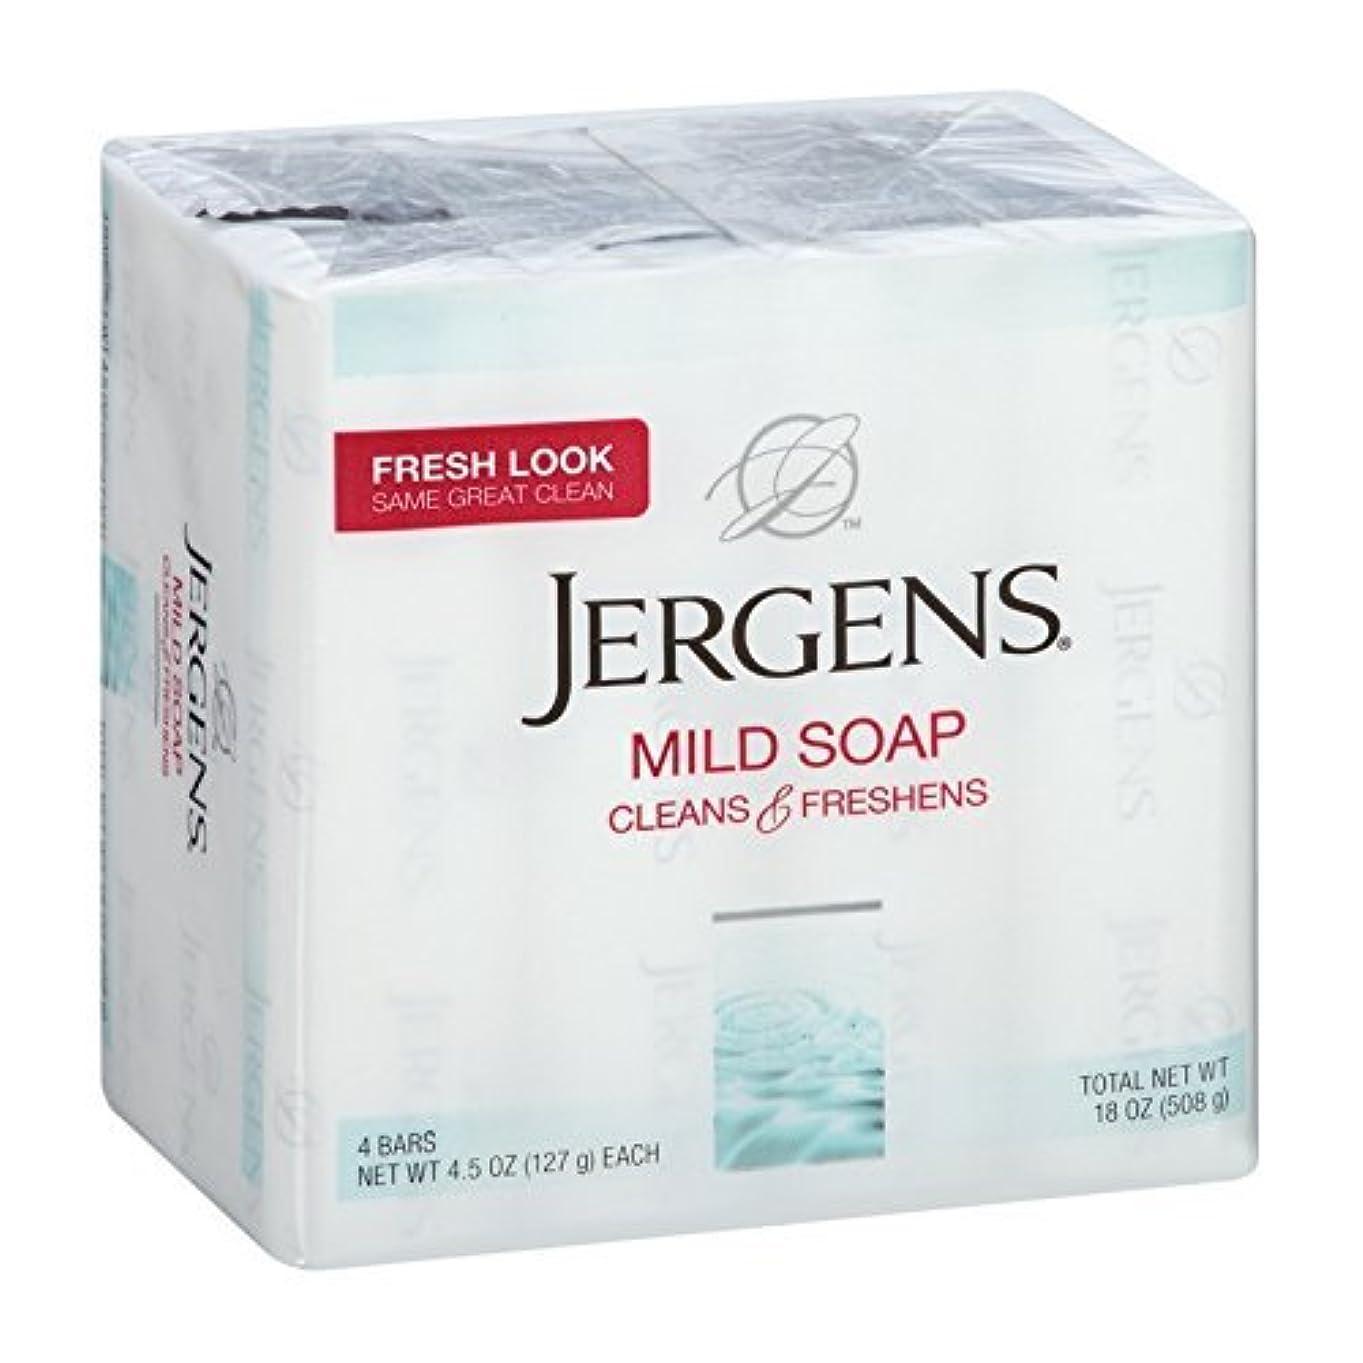 最大オークランド思われるJergens マイルドソープきれいに&フレッシュ4つのバー、4.5オズ(2パック) 2パック